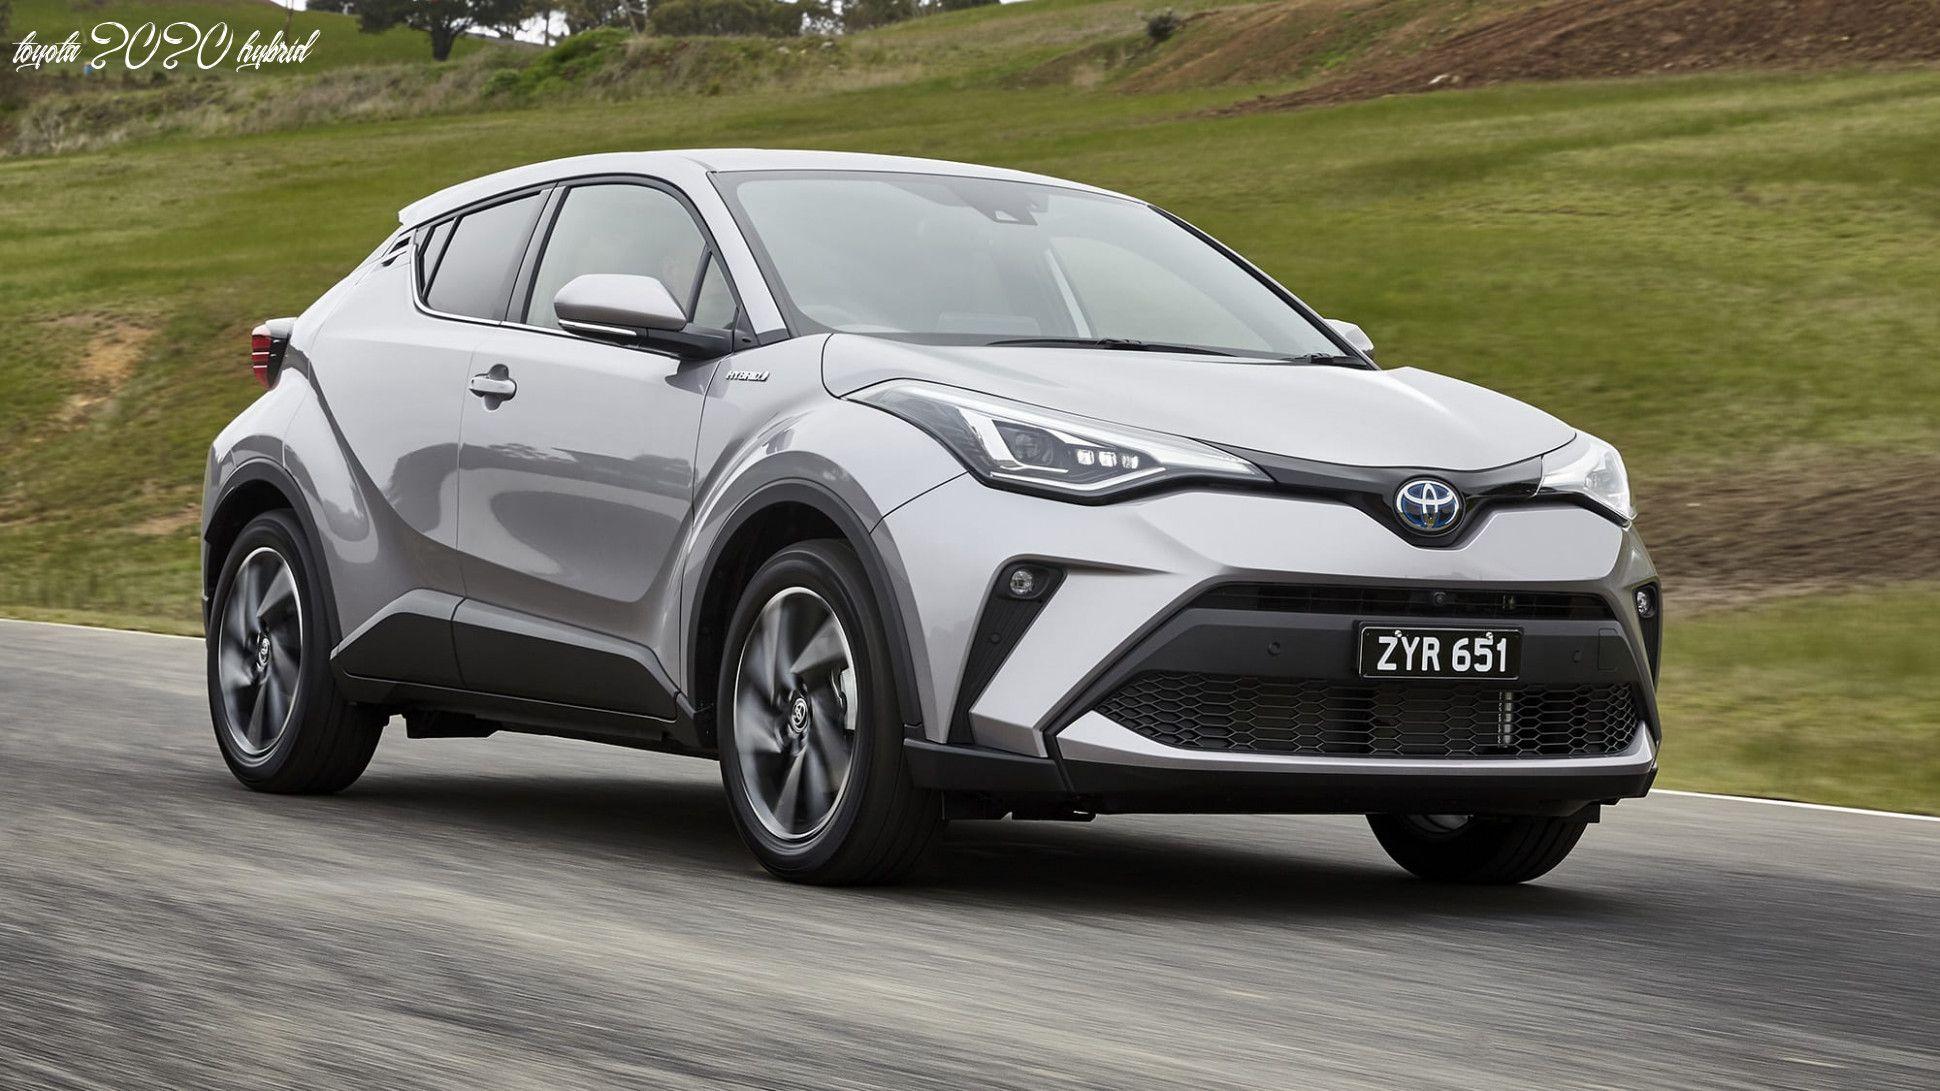 Toyota 2020 Hybrid In 2020 Toyota C Hr Toyota Toyota Corolla